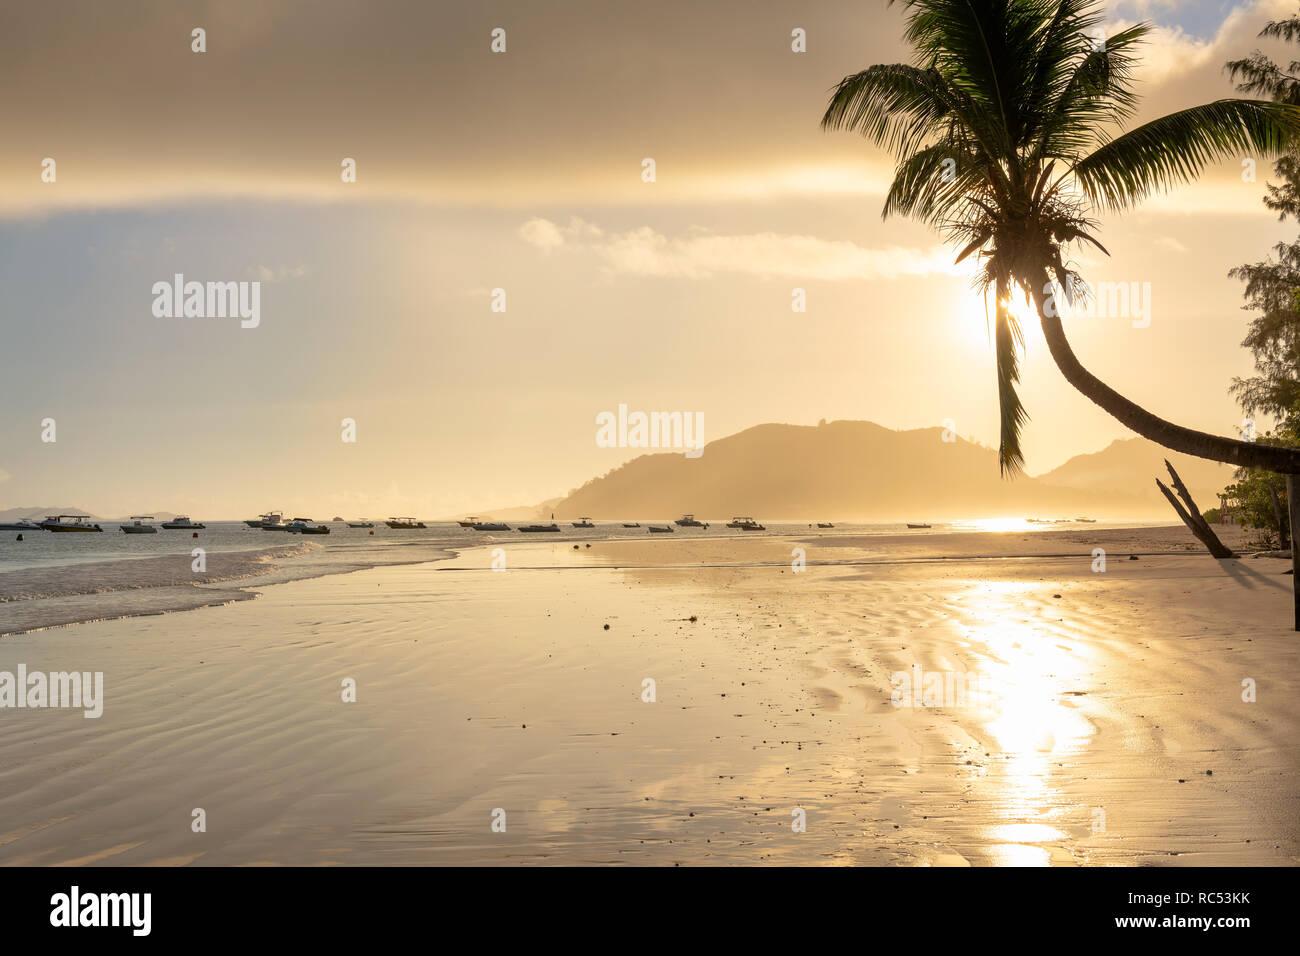 Hermoso amanecer sobre la playa tropical de la isla caribeña. Foto de stock